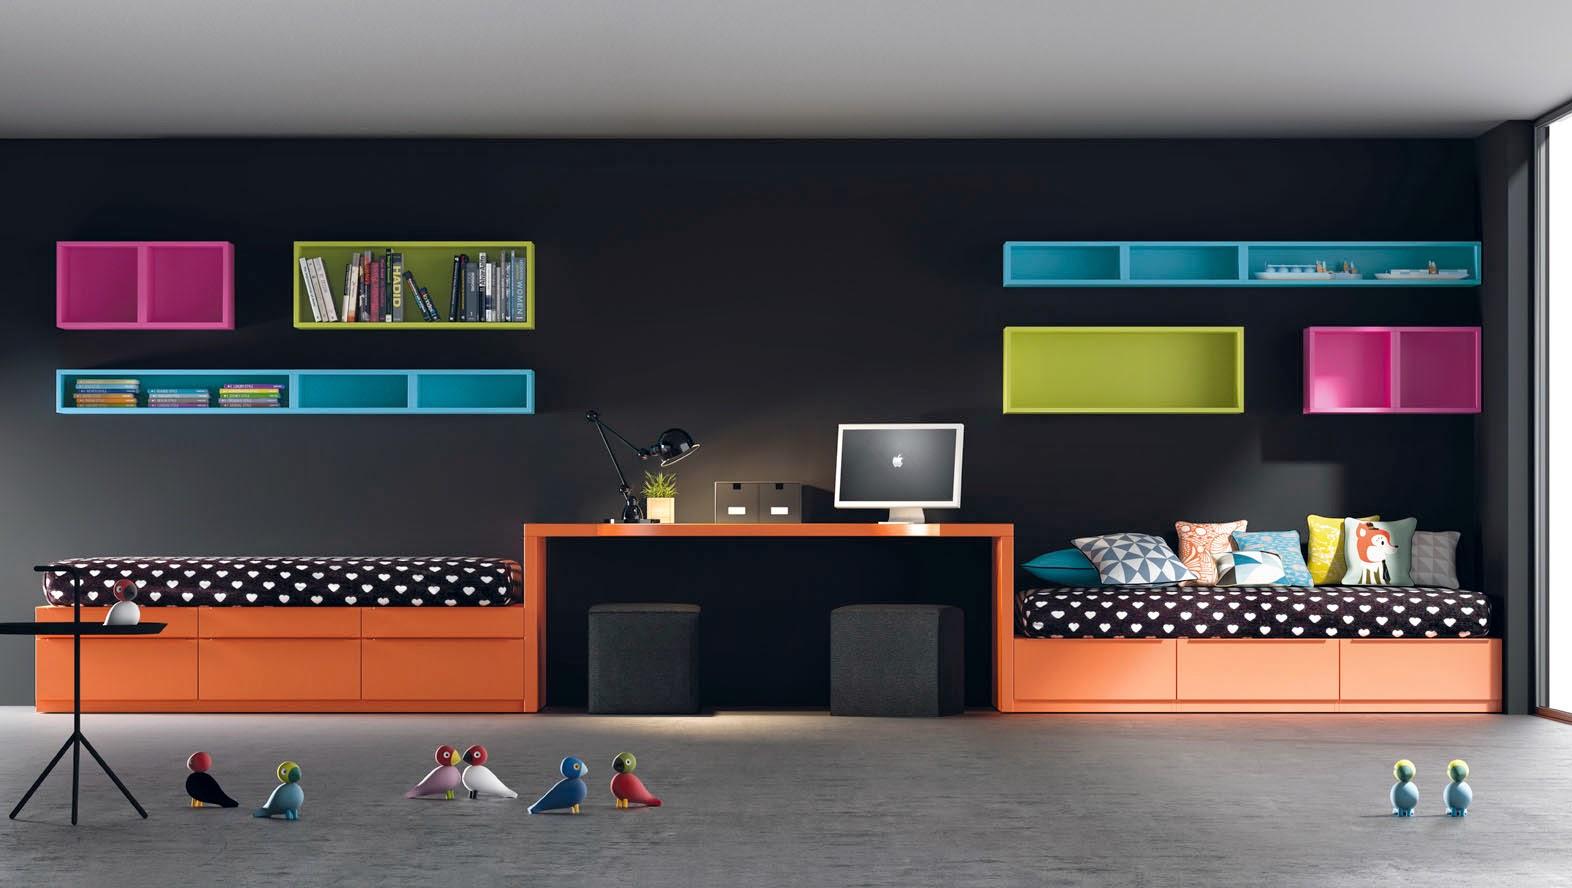 Ideas Para Decorar Una Habitacion Juvenil Elegant Ideas Para  ~ Decoracion Habitacion Juvenil Pequeña